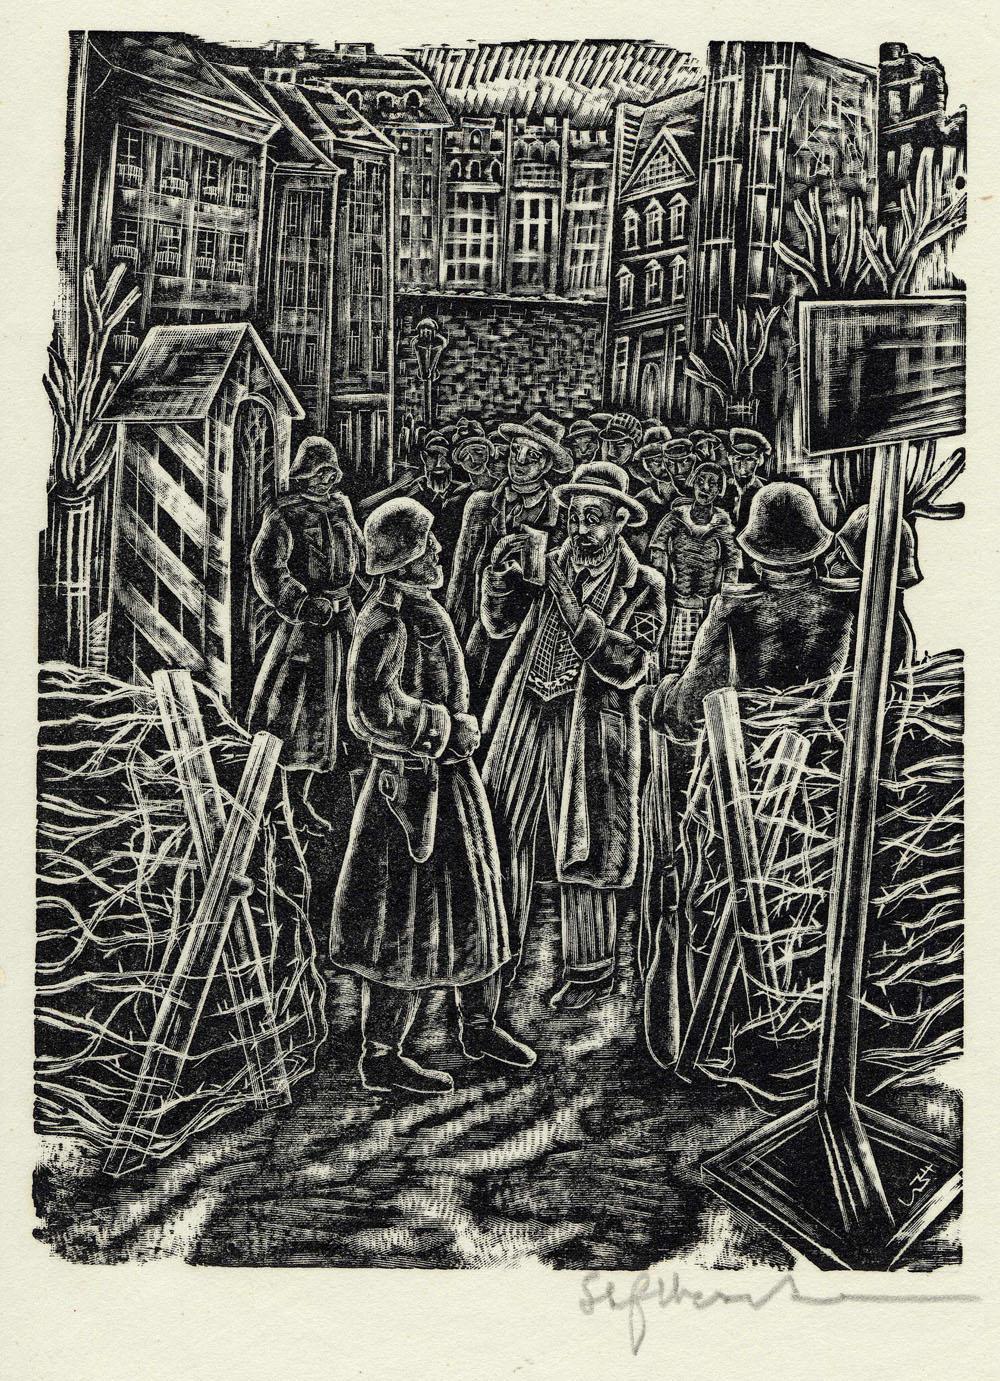 ''L'entrée du ghetto'', estampe réalisée par Stefan Mrozewski